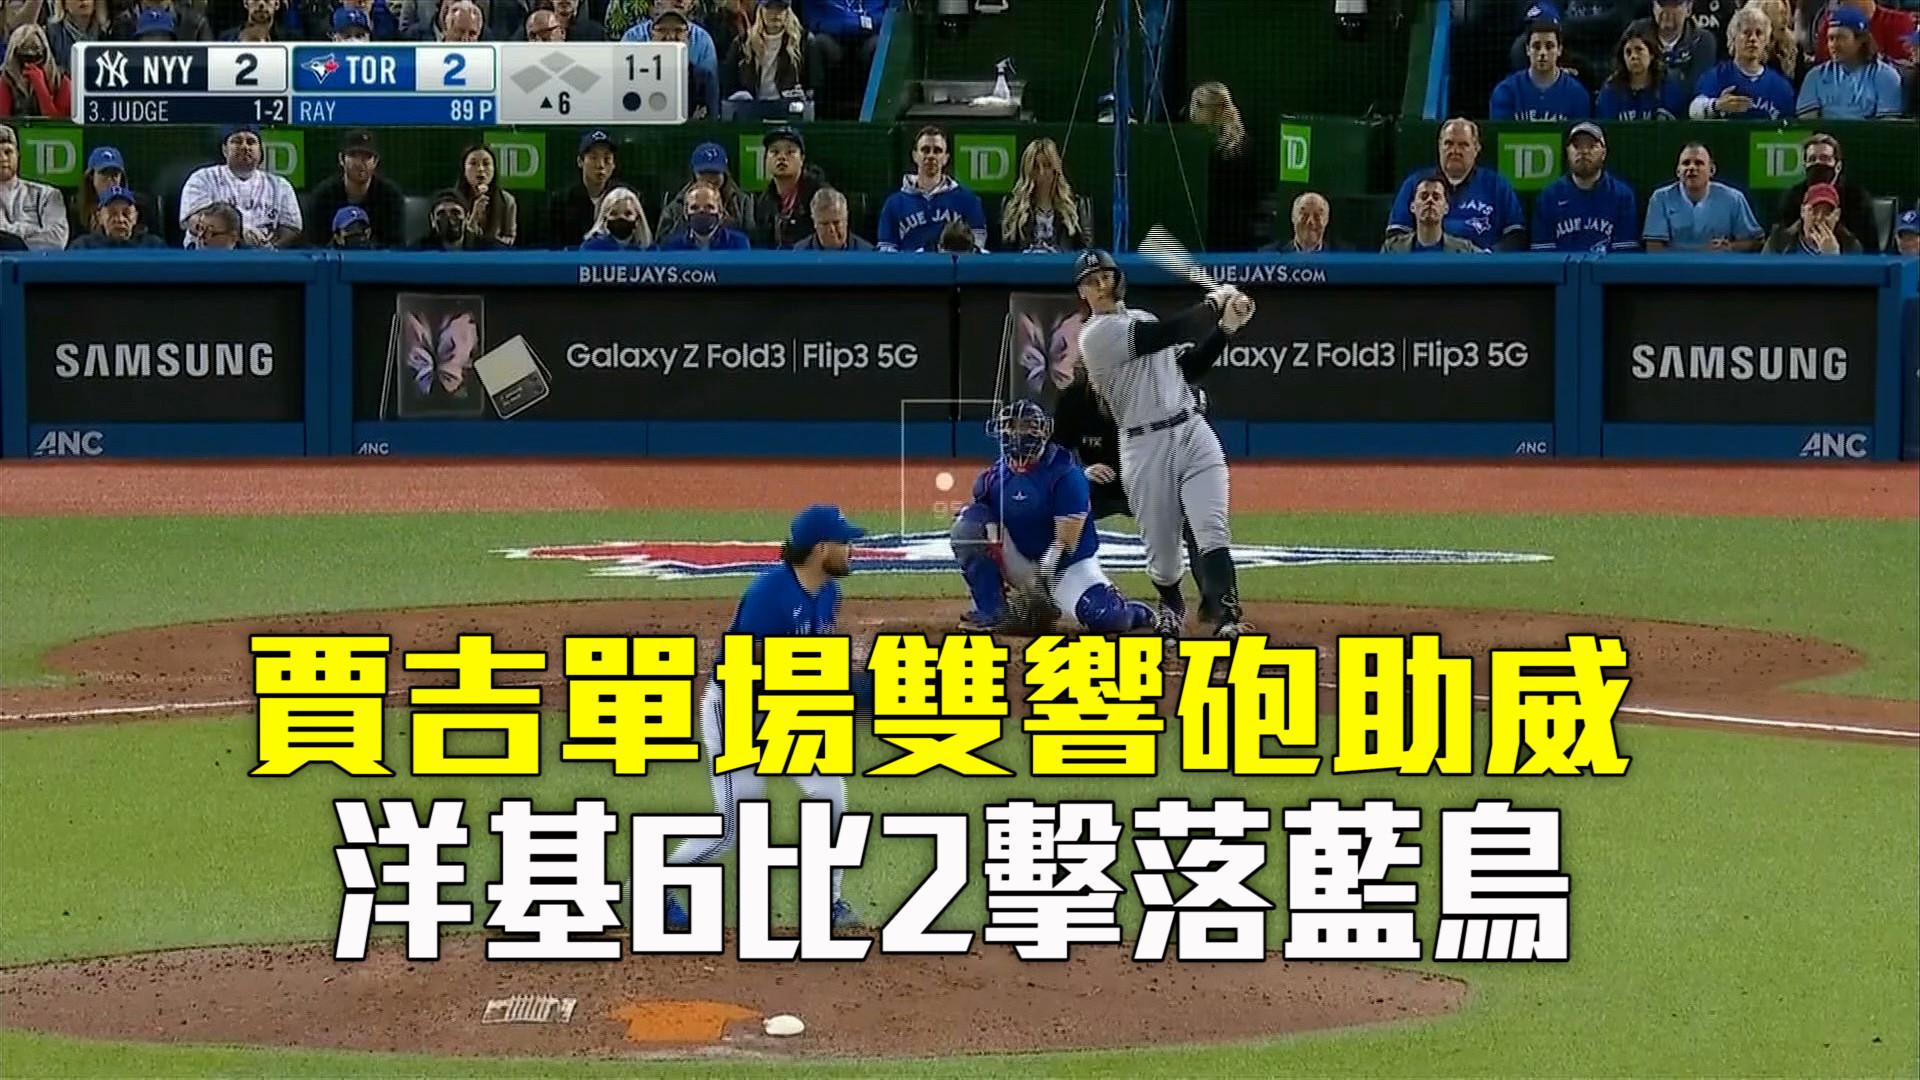 【MLB看愛爾達】賈吉單場雙響砲助威 洋基6:2擊落藍鳥 10/1